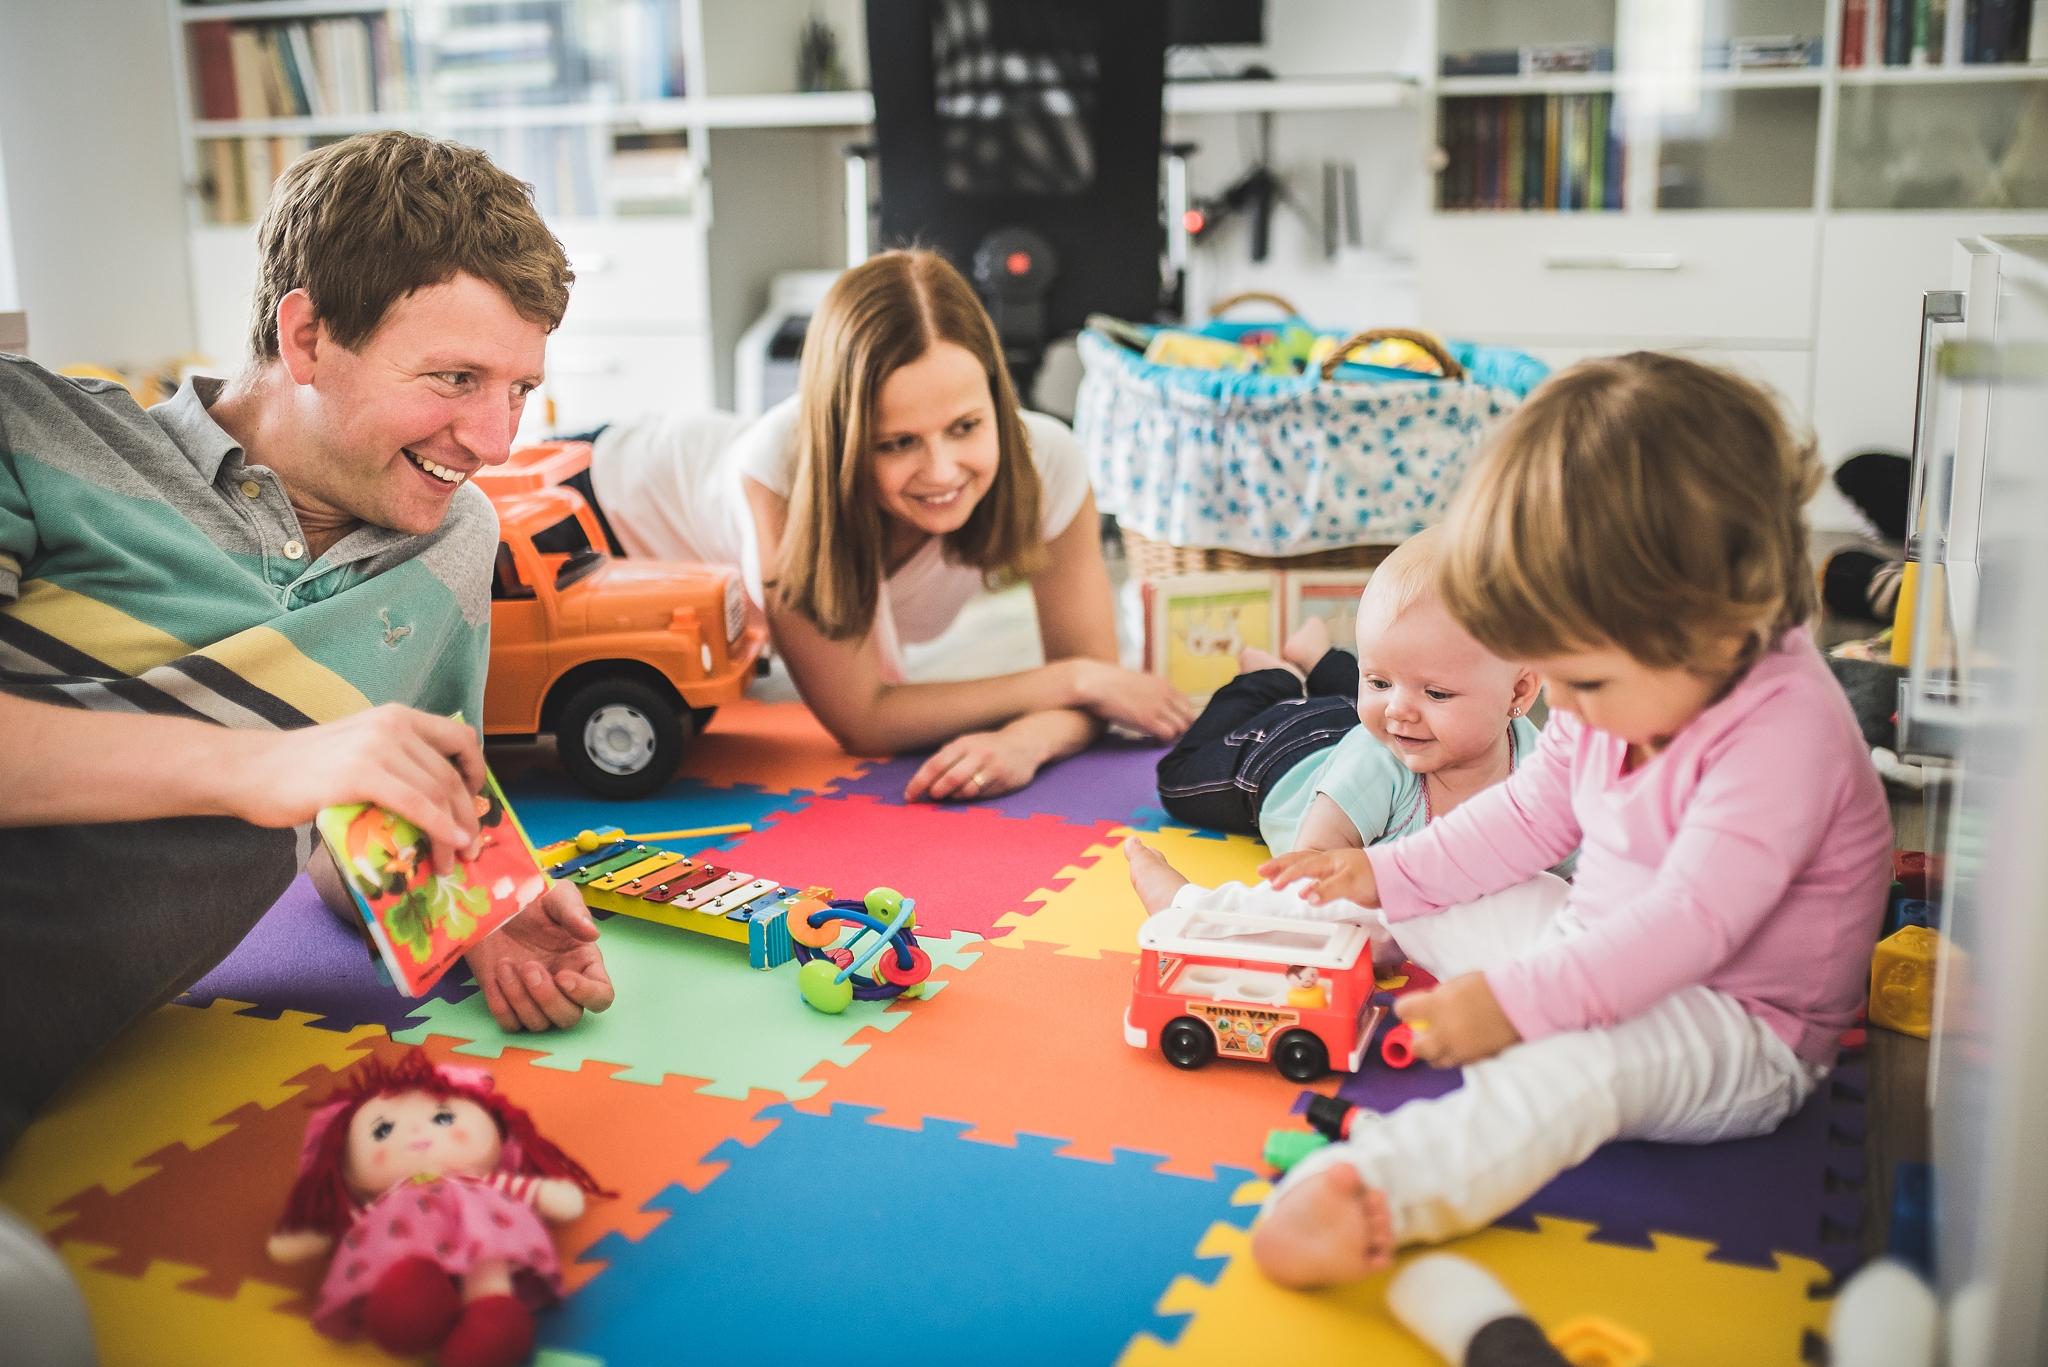 Familienfotografie: Lernen Sie die Grundlagen der Gruppenfotografie